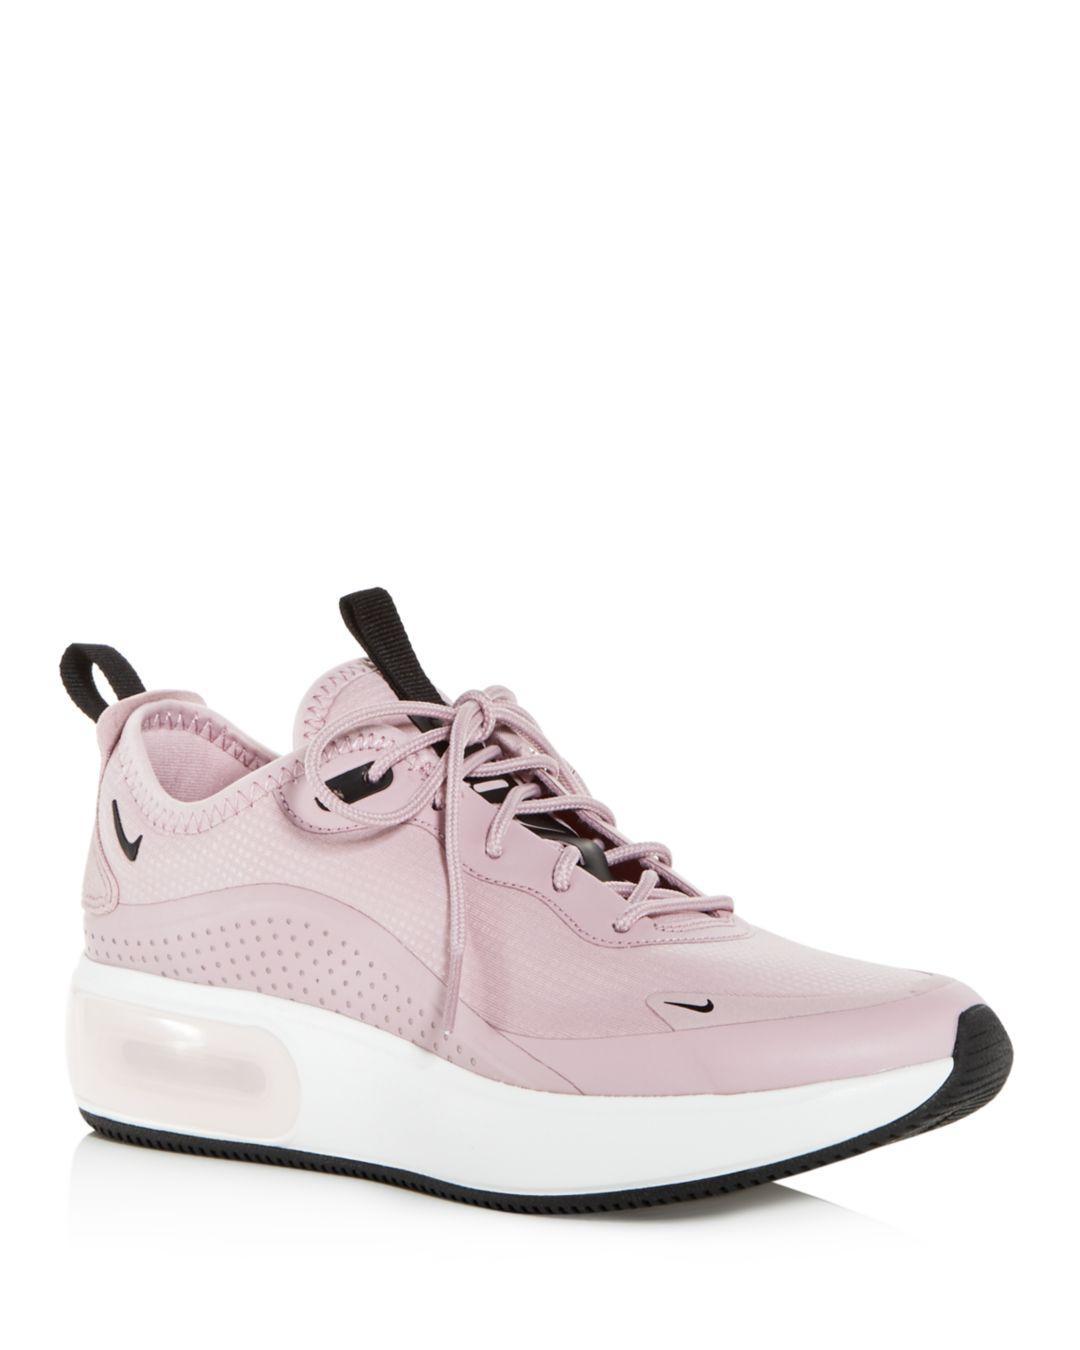 buy popular 4a407 d65f5 nike air max dia black and white Lyst - Nike W Air Max Dia Plum Chalk